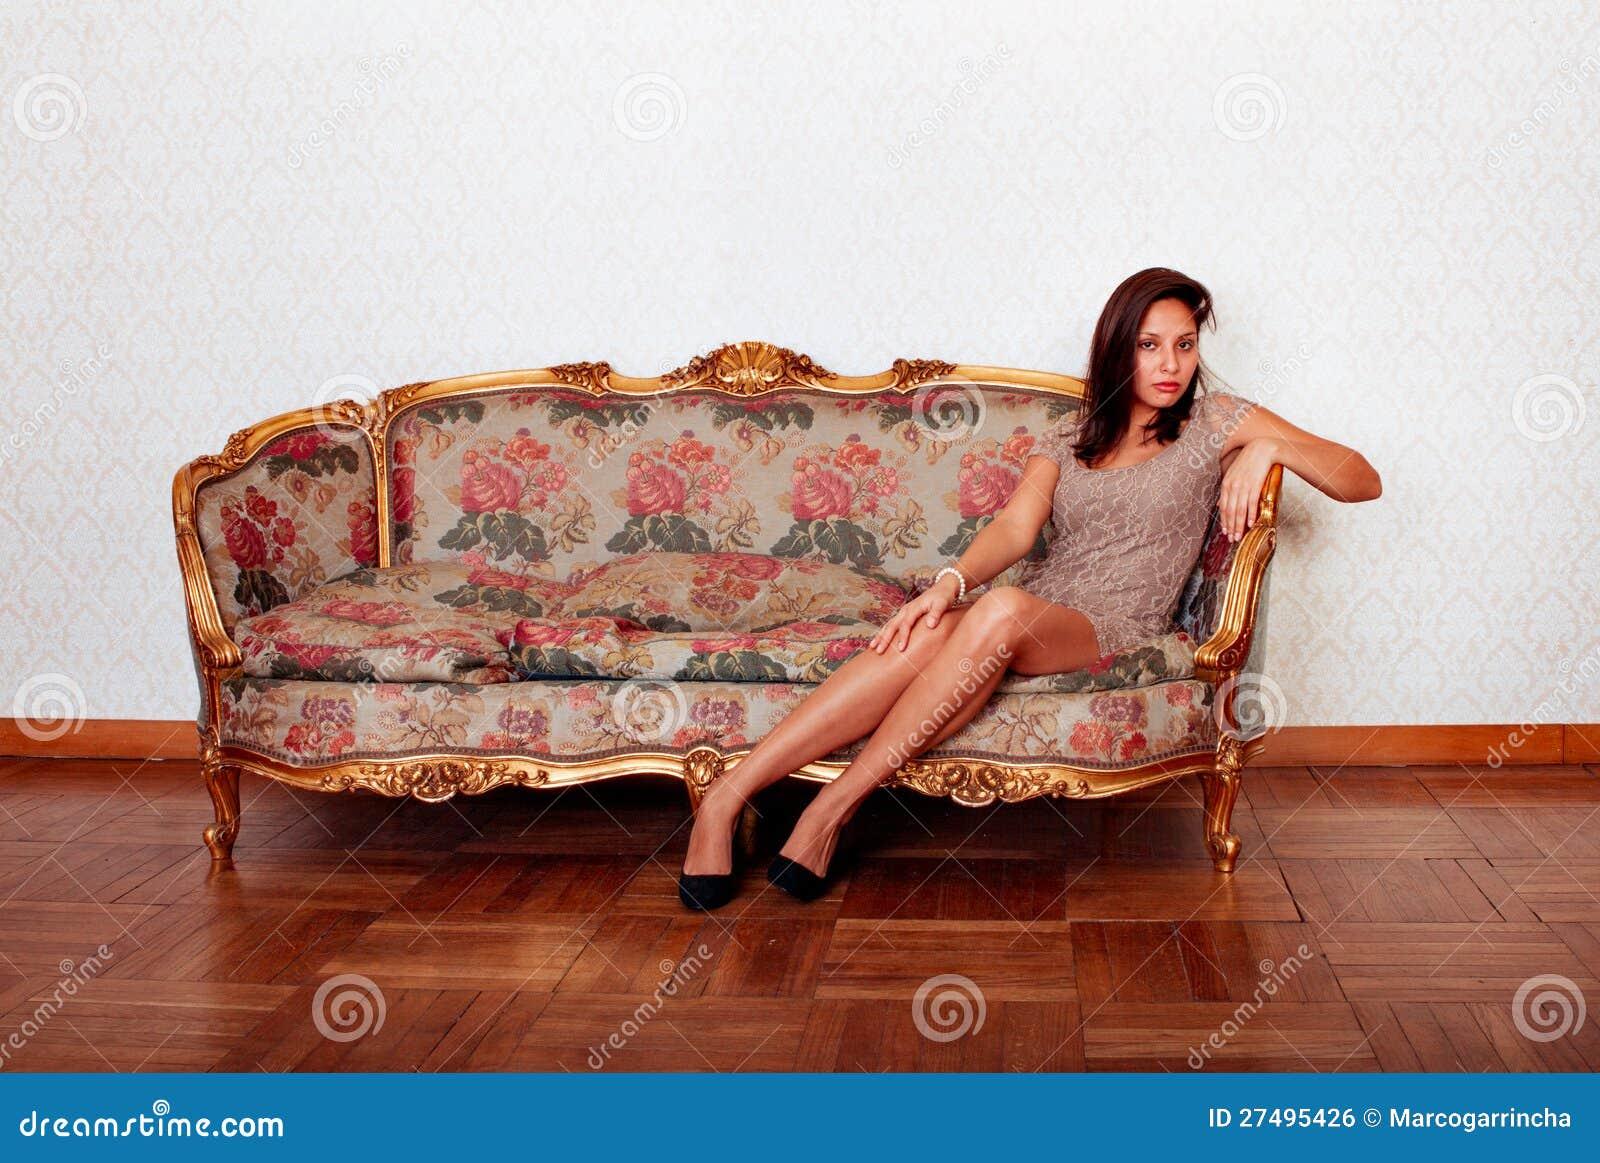 Sexy Spaanse vrouw die op bank gaat liggen